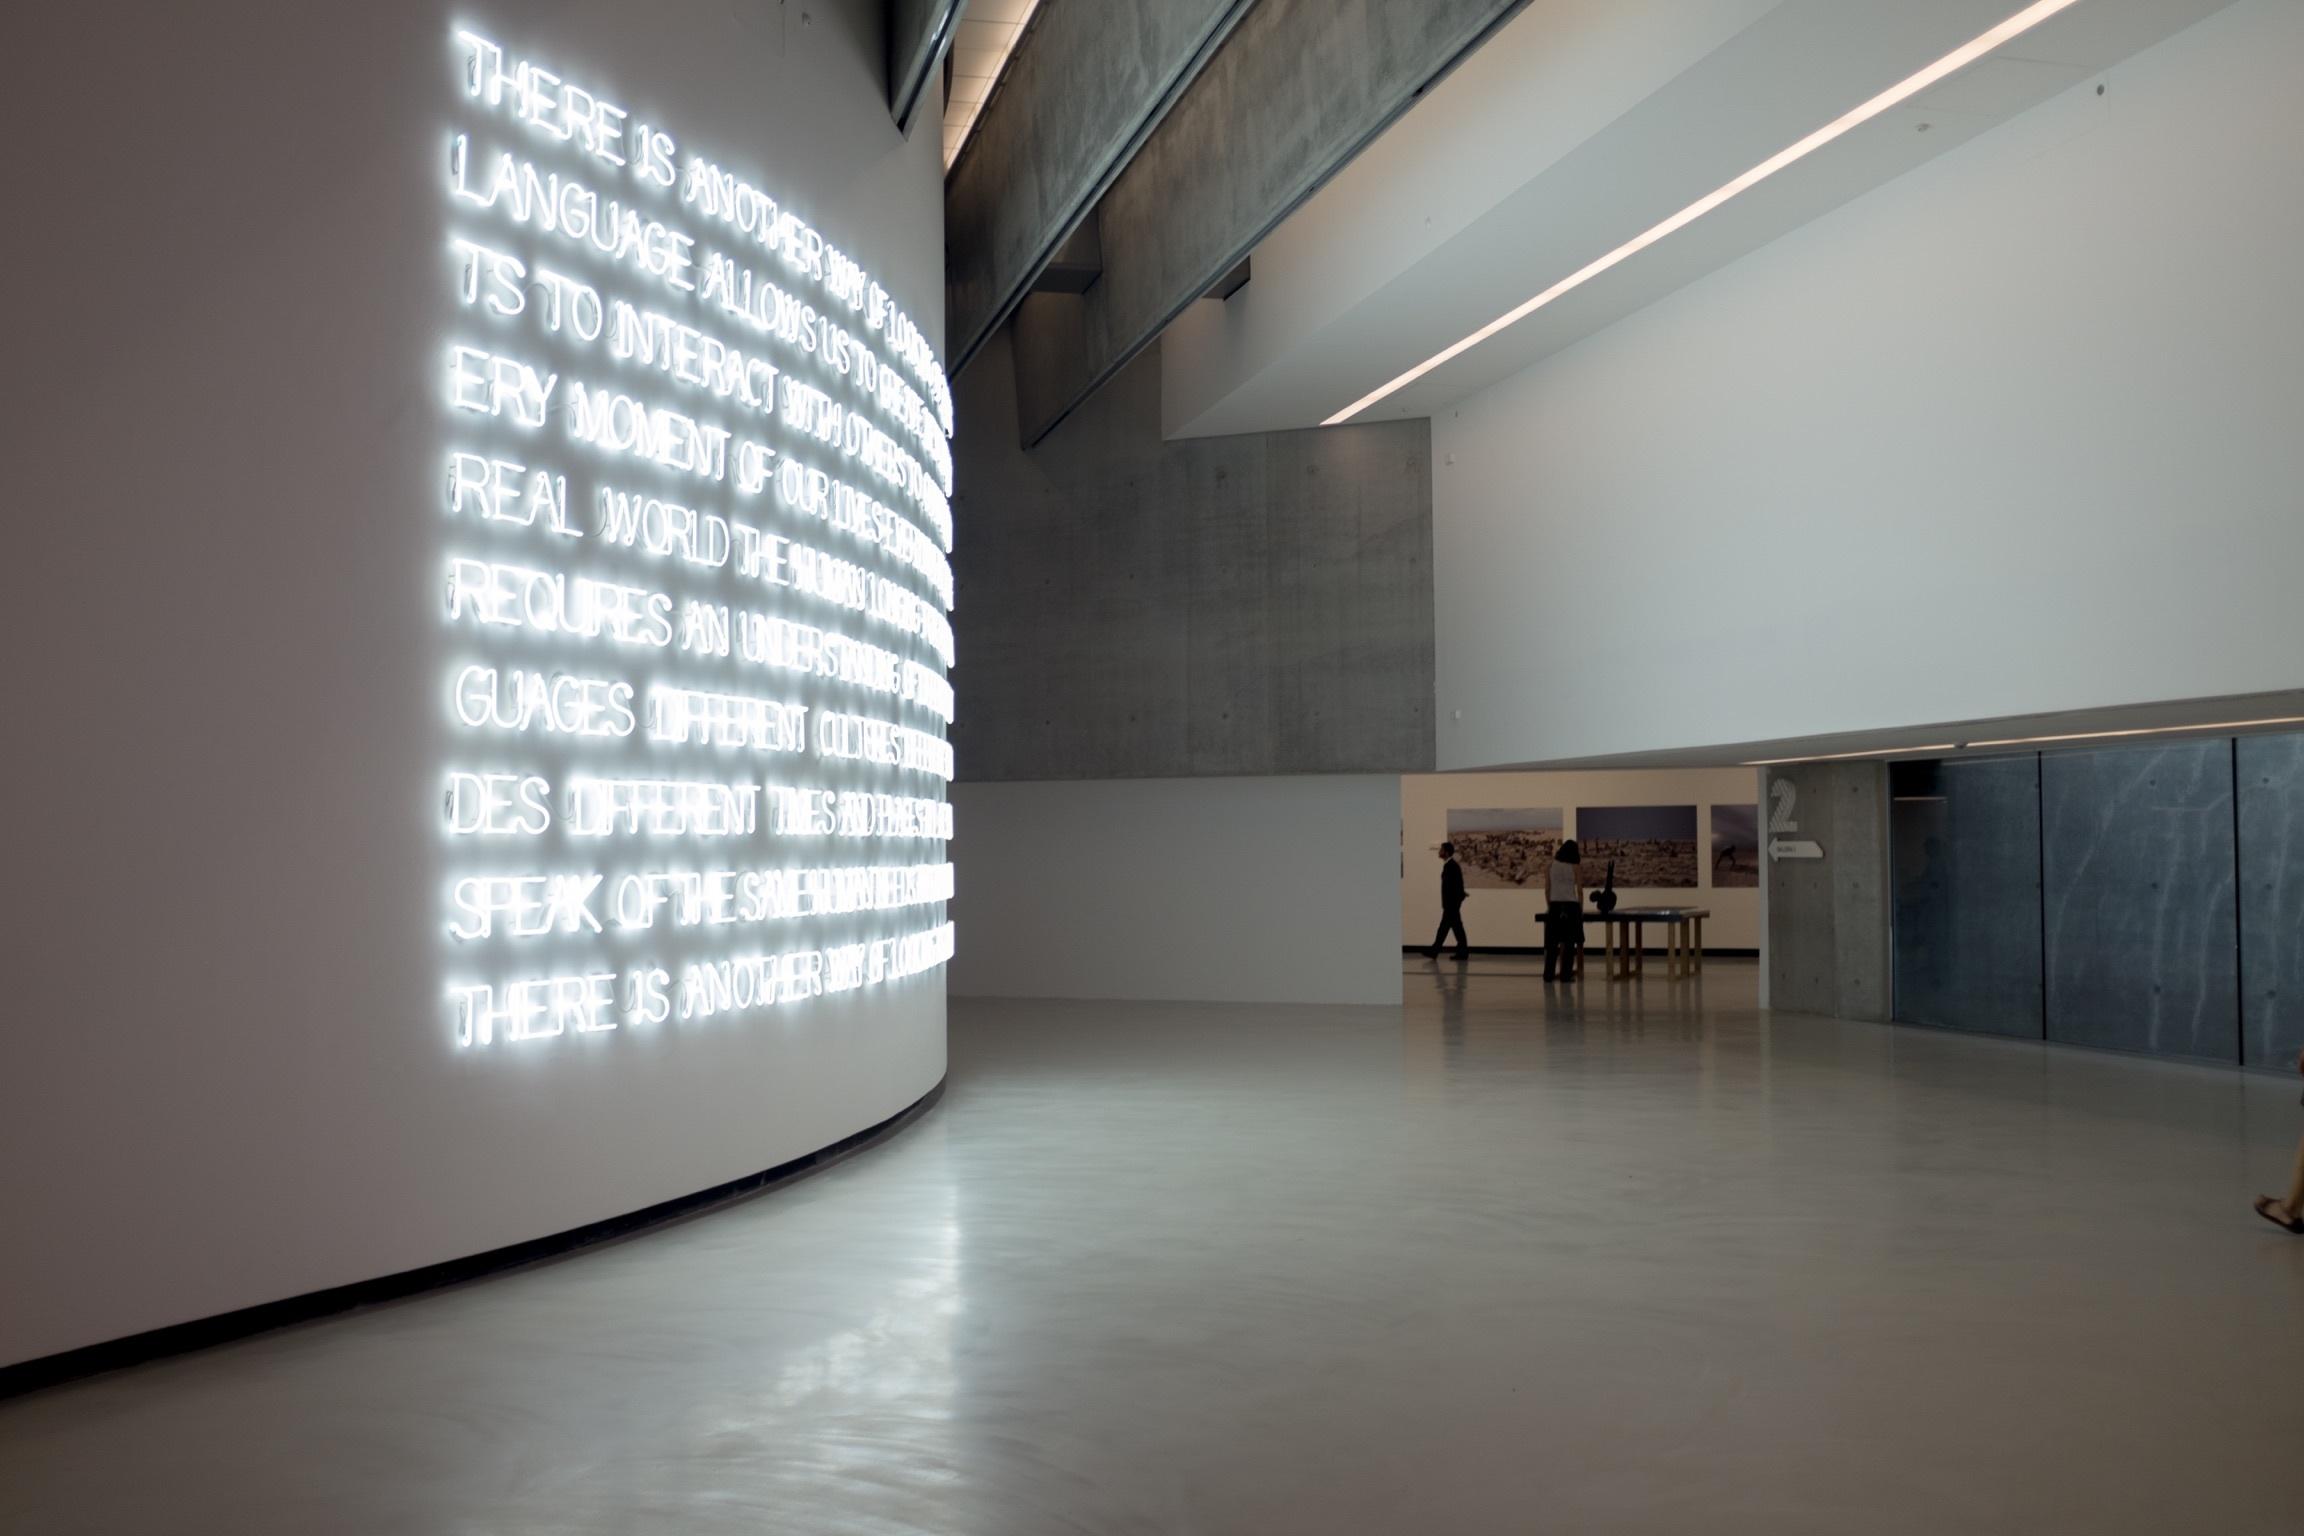 Fotos Gratis Arquitectura Piso Museo Sala Dise O De